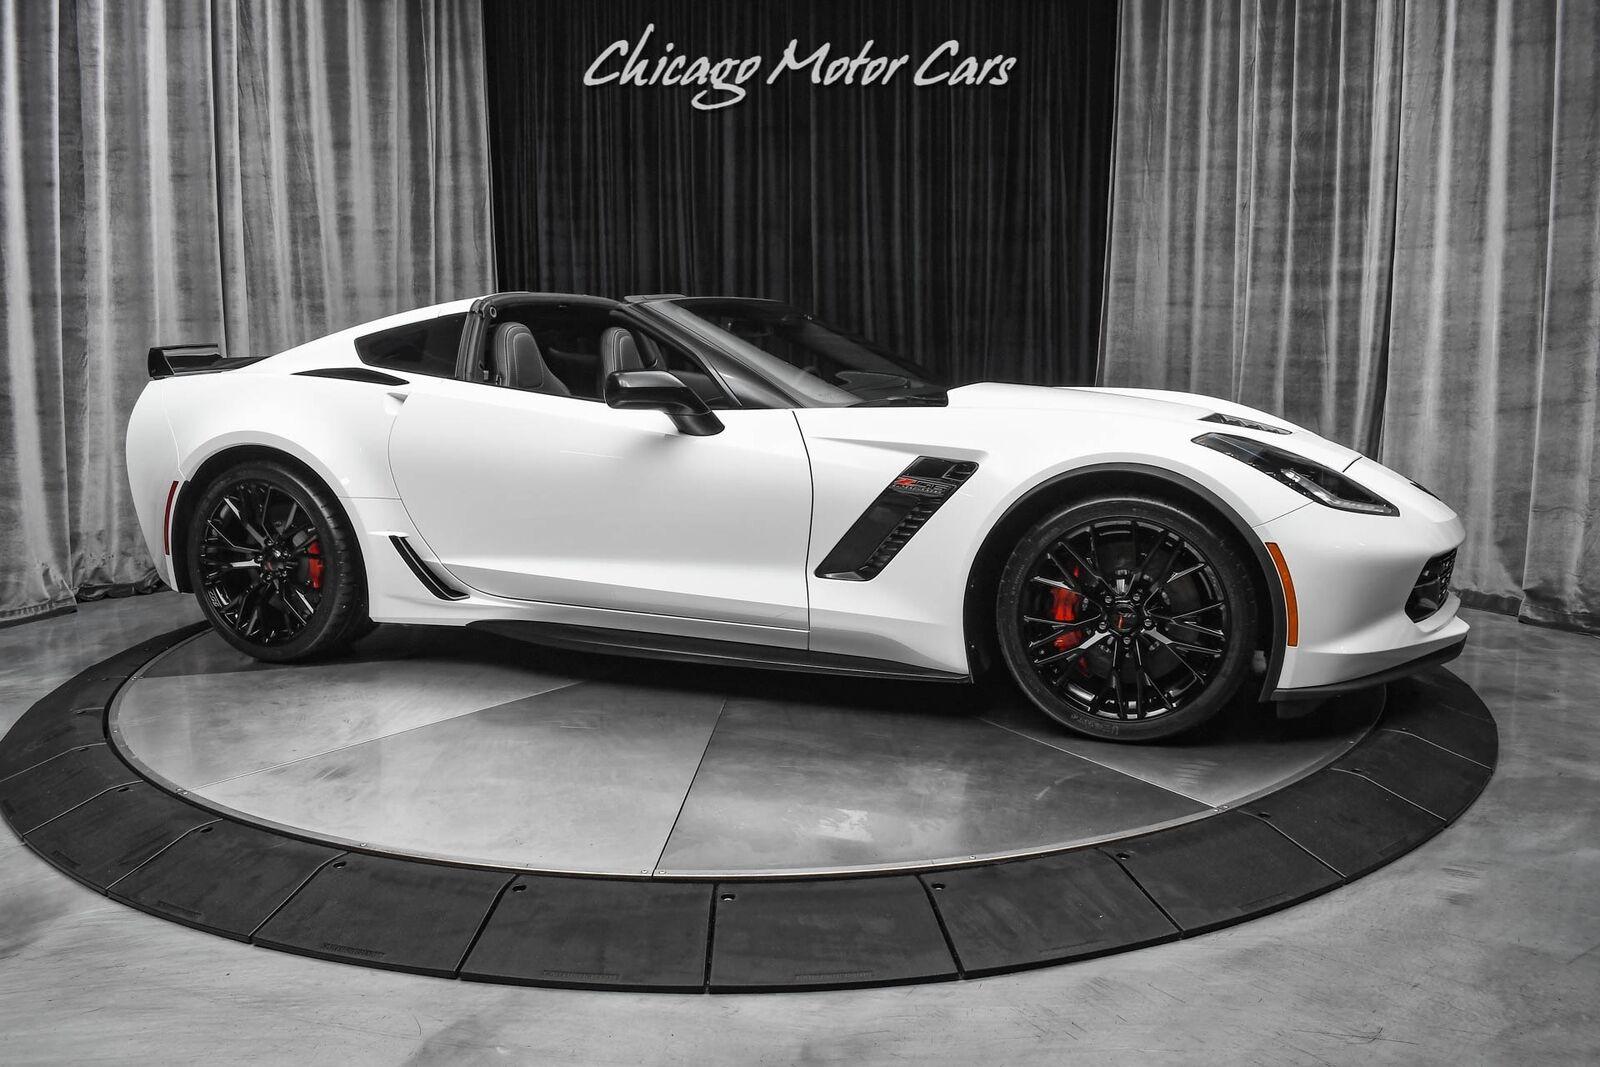 2019 White Chevrolet Corvette Z06 2LZ   C7 Corvette Photo 6